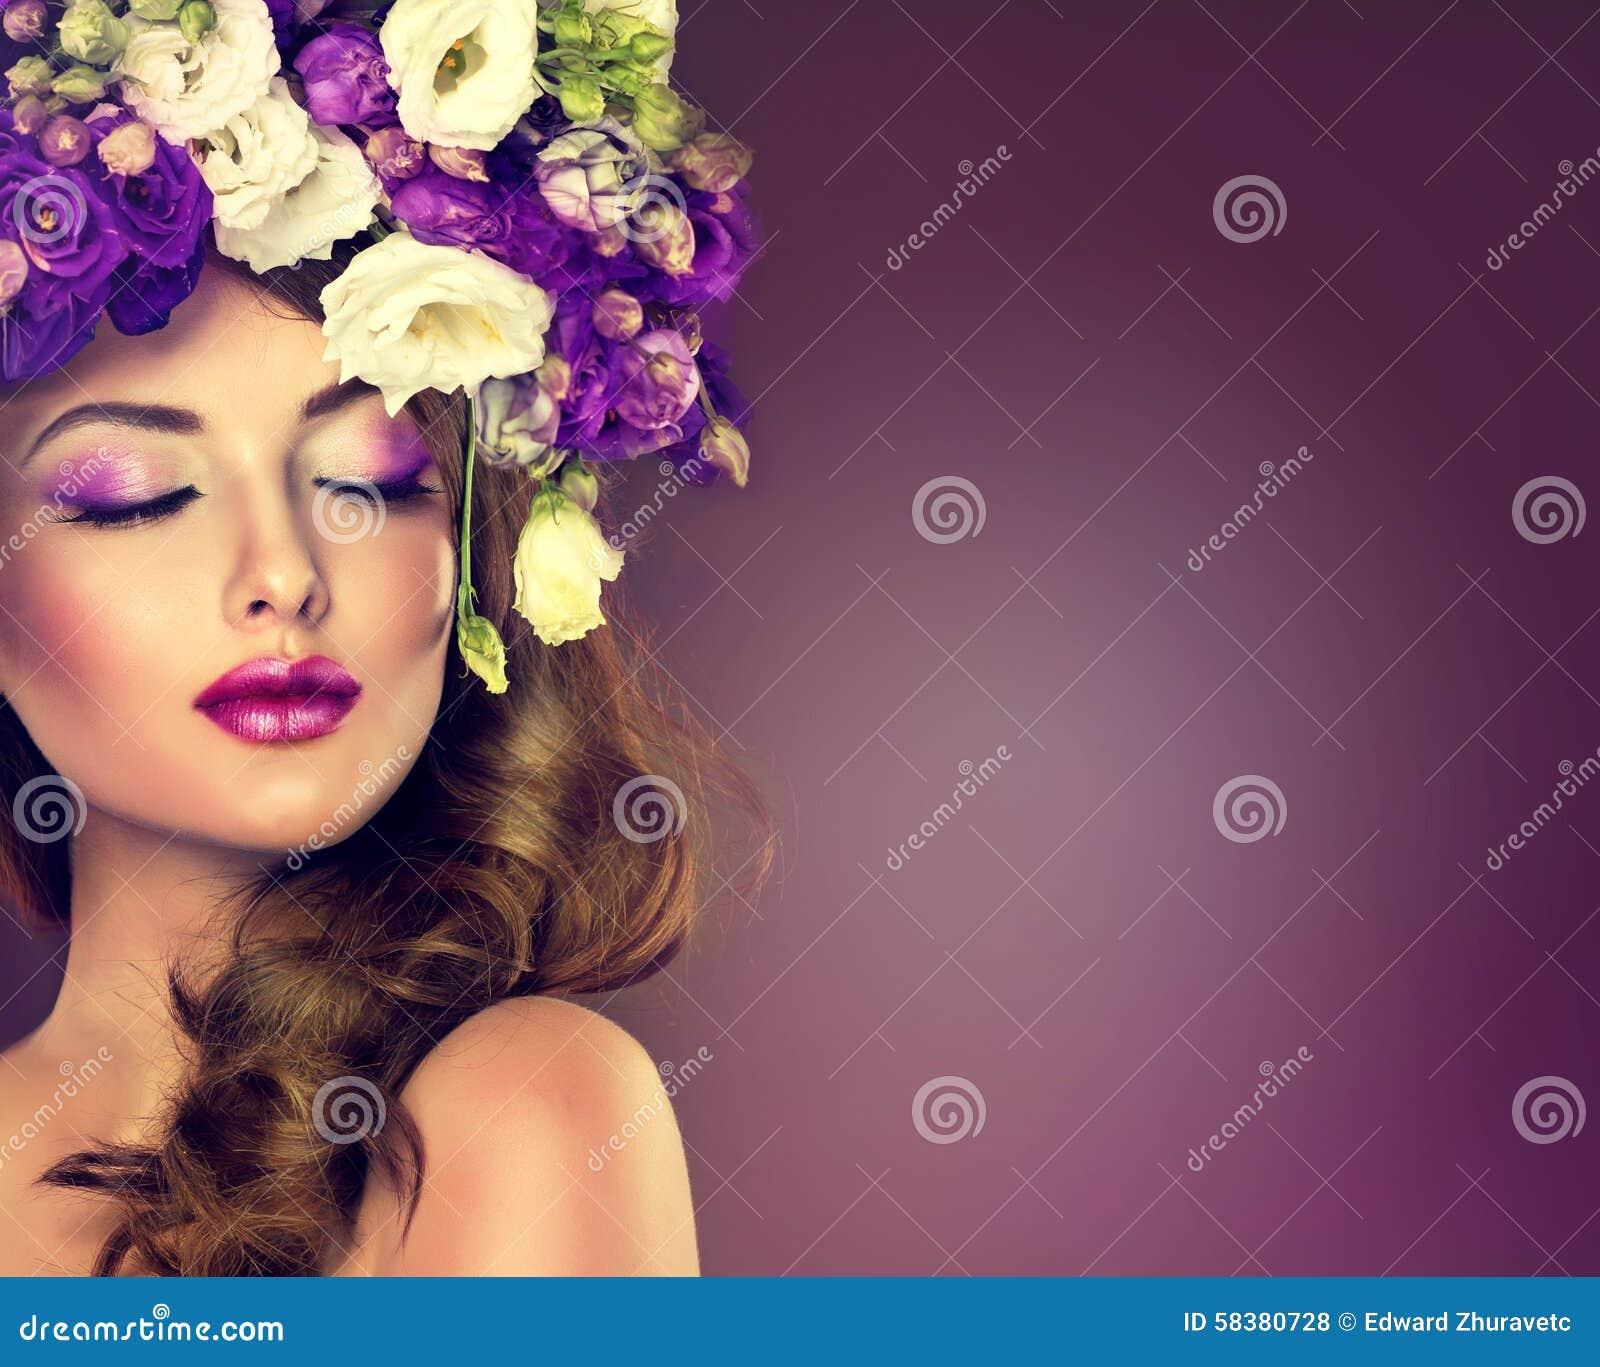 Luxury Fashion Style Stock Photo Image 58380728